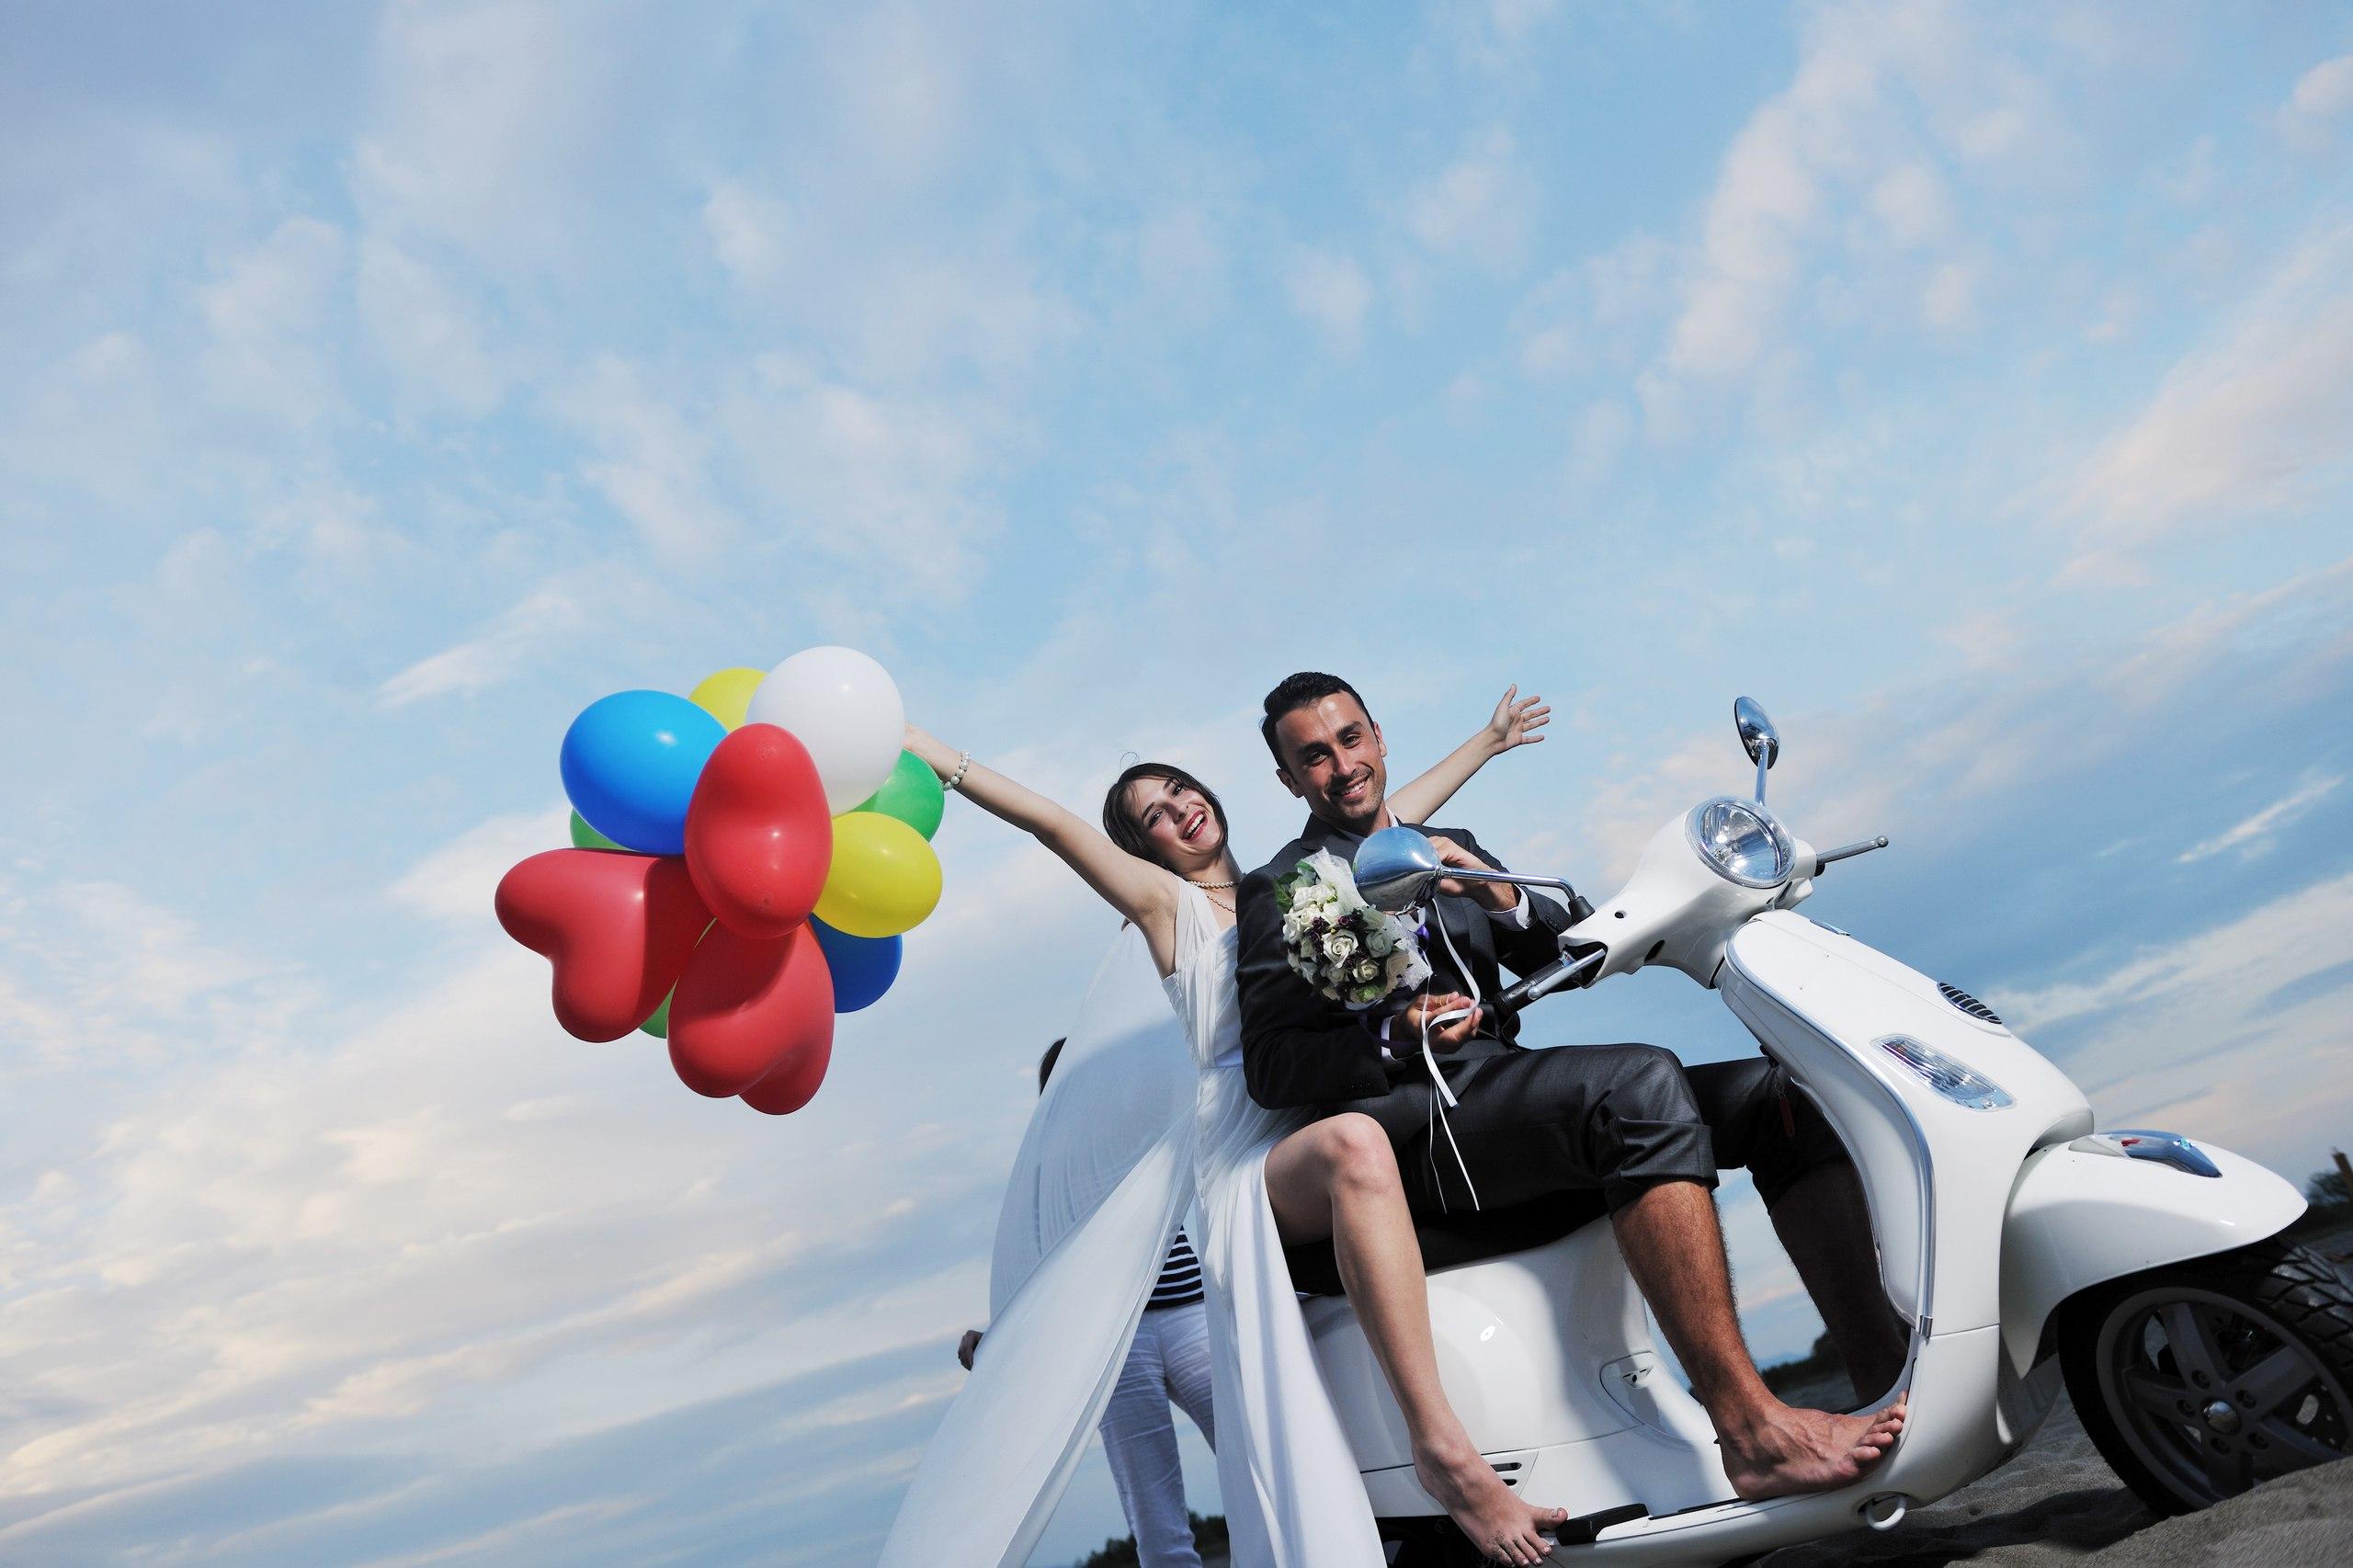 zcLDEcLaAvA - Выбираем ведущего на свадьбу: советы профессионала